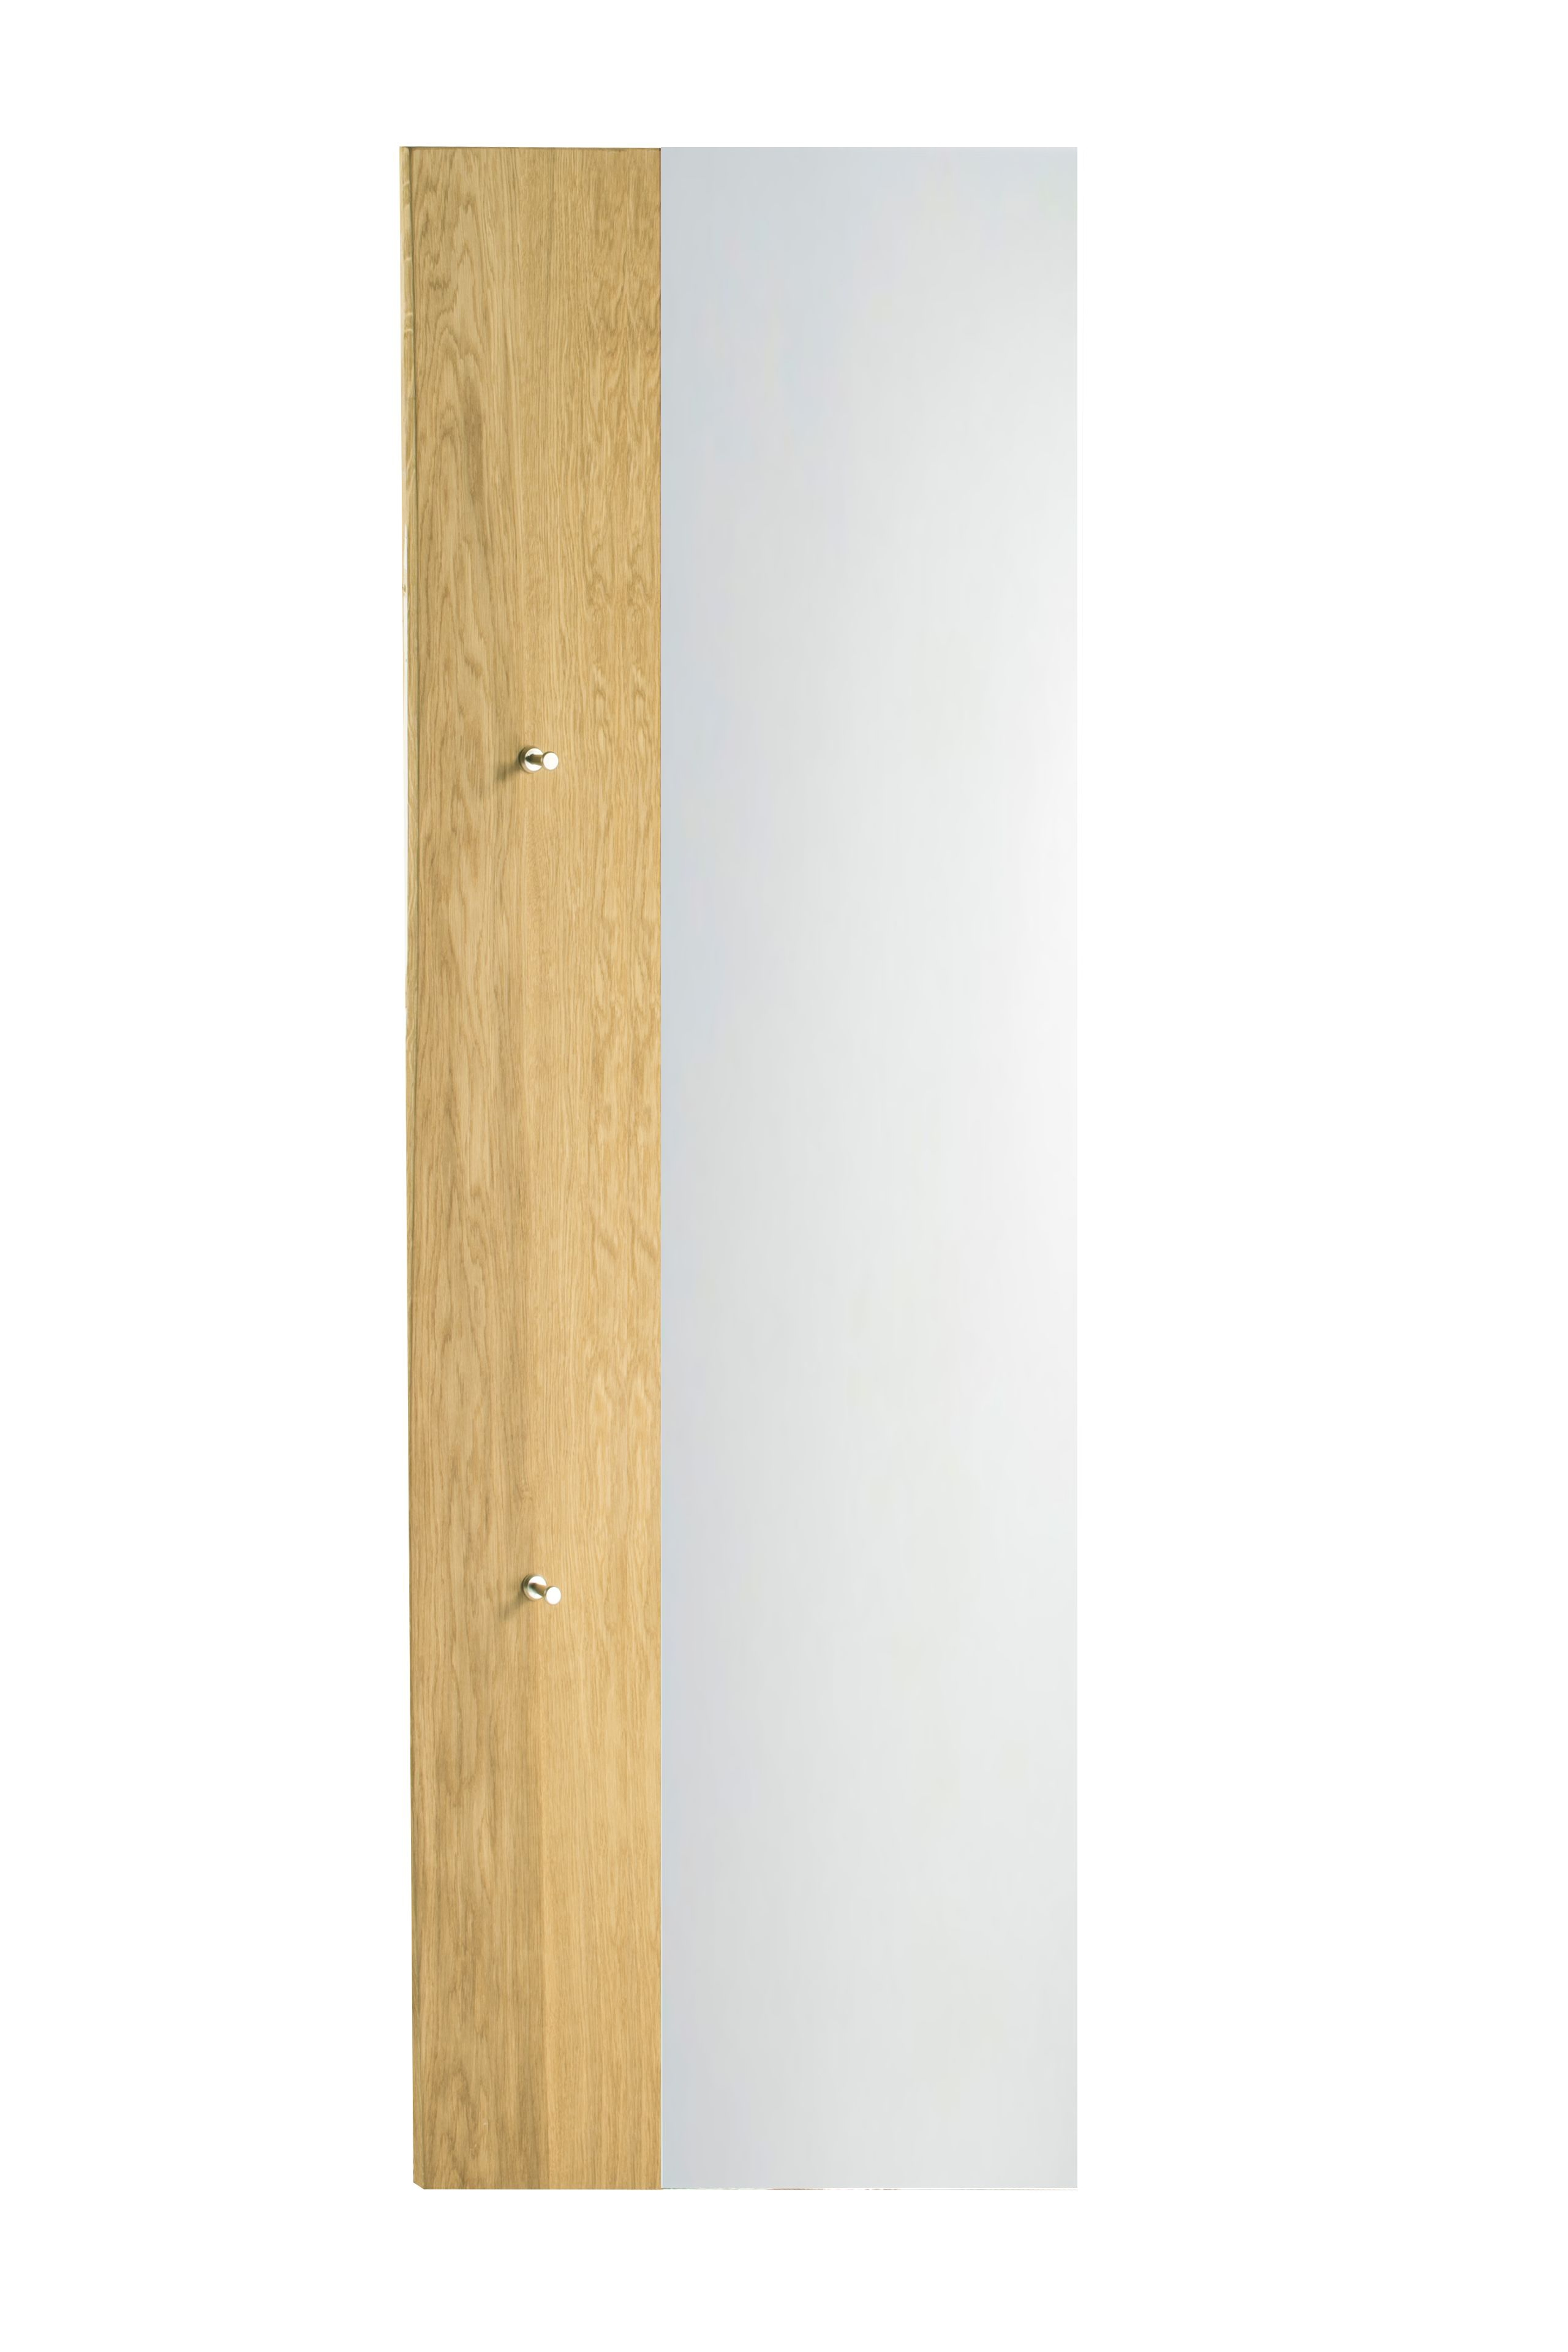 garderobe woodline aus eiche massiv ge lt von skalik meble m bel letz ihr online shop. Black Bedroom Furniture Sets. Home Design Ideas